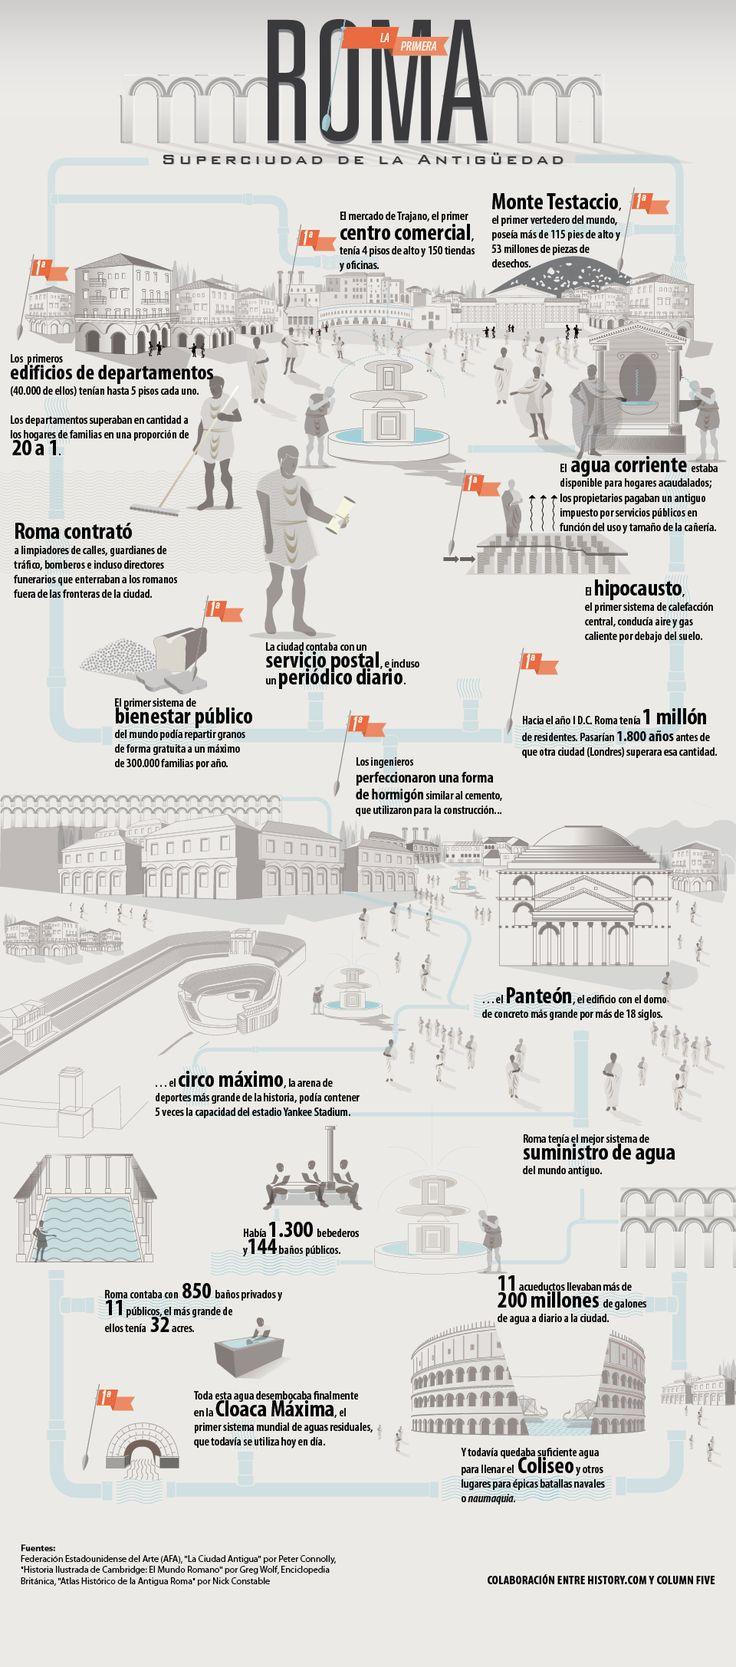 Roma: La Primera Superciudad de la Antiguedad. El Mercado de Trajano, considerado el primer centro comercial del mundo, tenía 4 pisos de alto y albergaba 150 tiendas y oficinas. Humanidad: La Historia de Todos Nosotros.